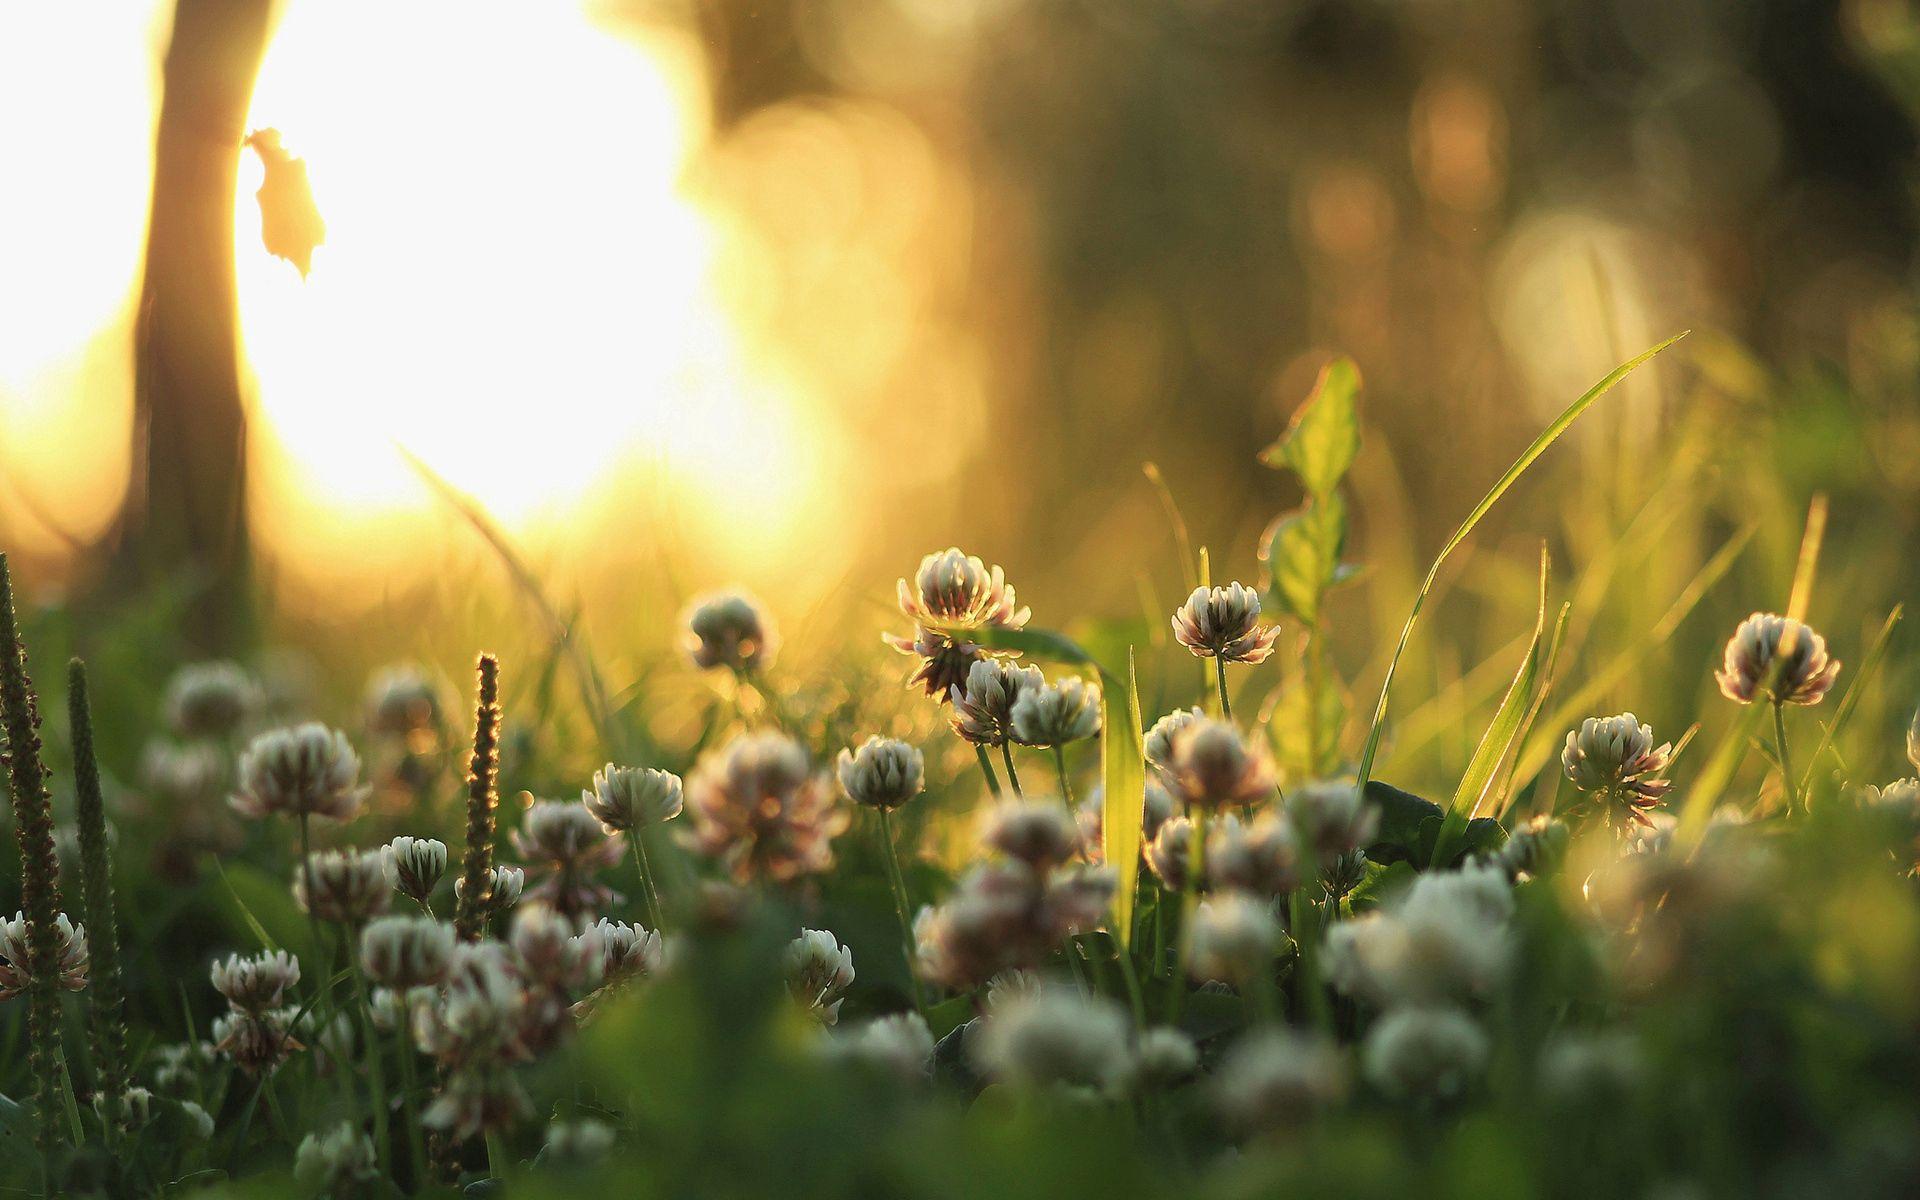 56529 télécharger le fond d'écran Plantes, Nature, Herbe, Macro, Briller, Lumière, Matin, Trèfle - économiseurs d'écran et images gratuitement